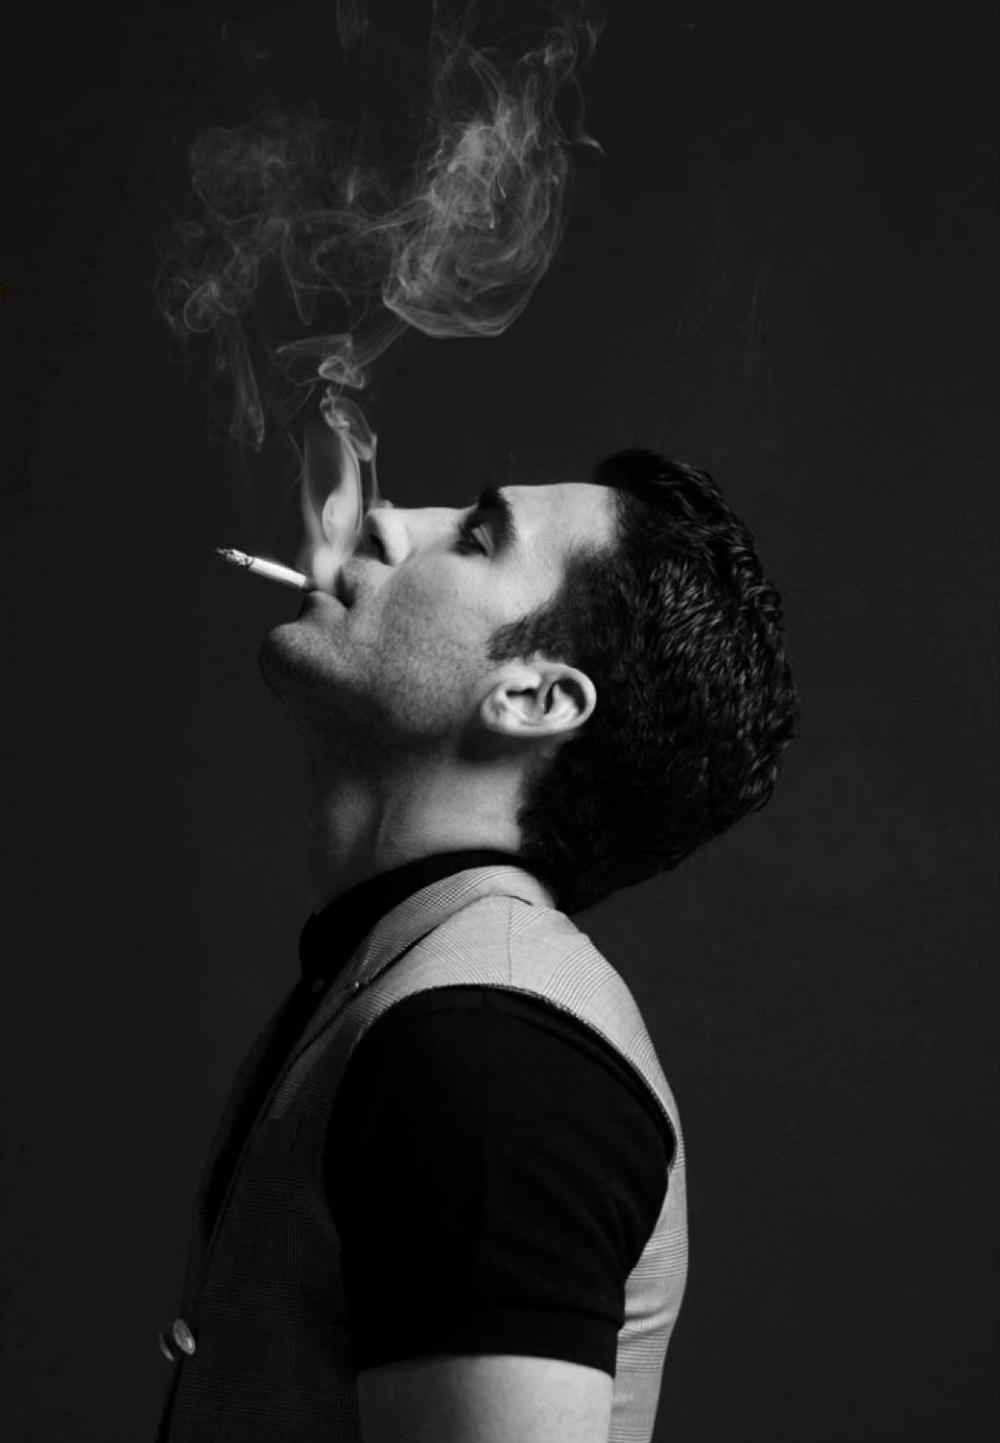 фото с сигаретой на аву парень